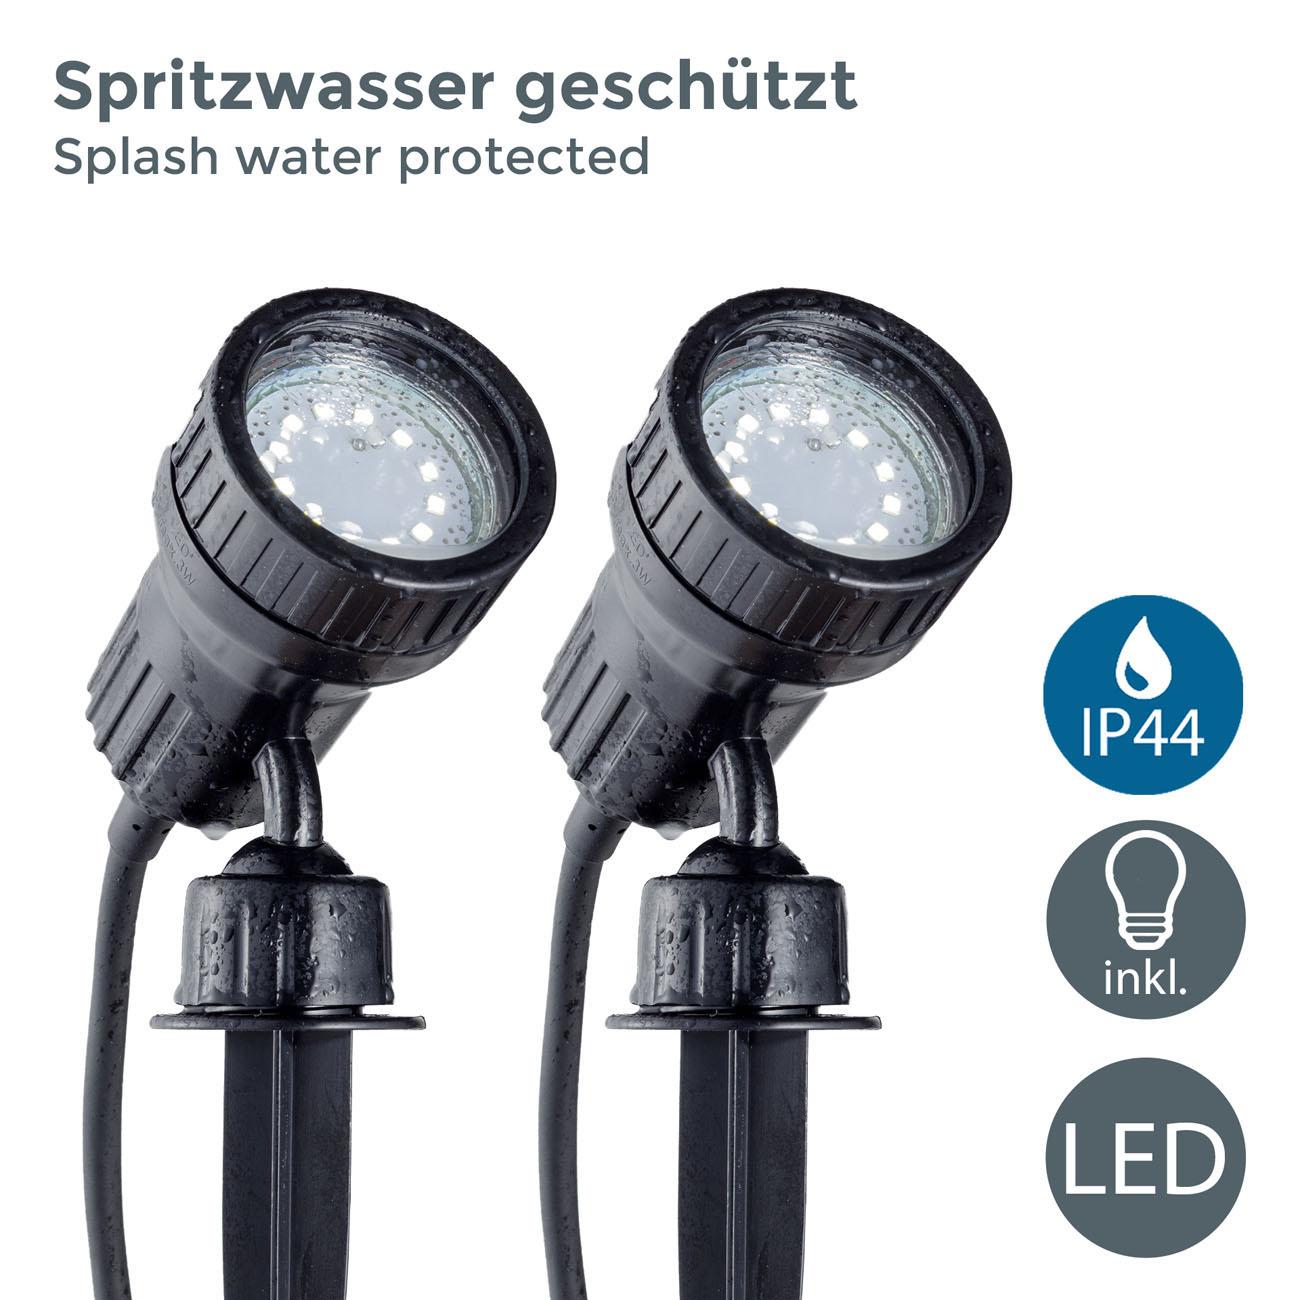 LED Erspieß Gartenstrahler IP44 | 2er Set - 3